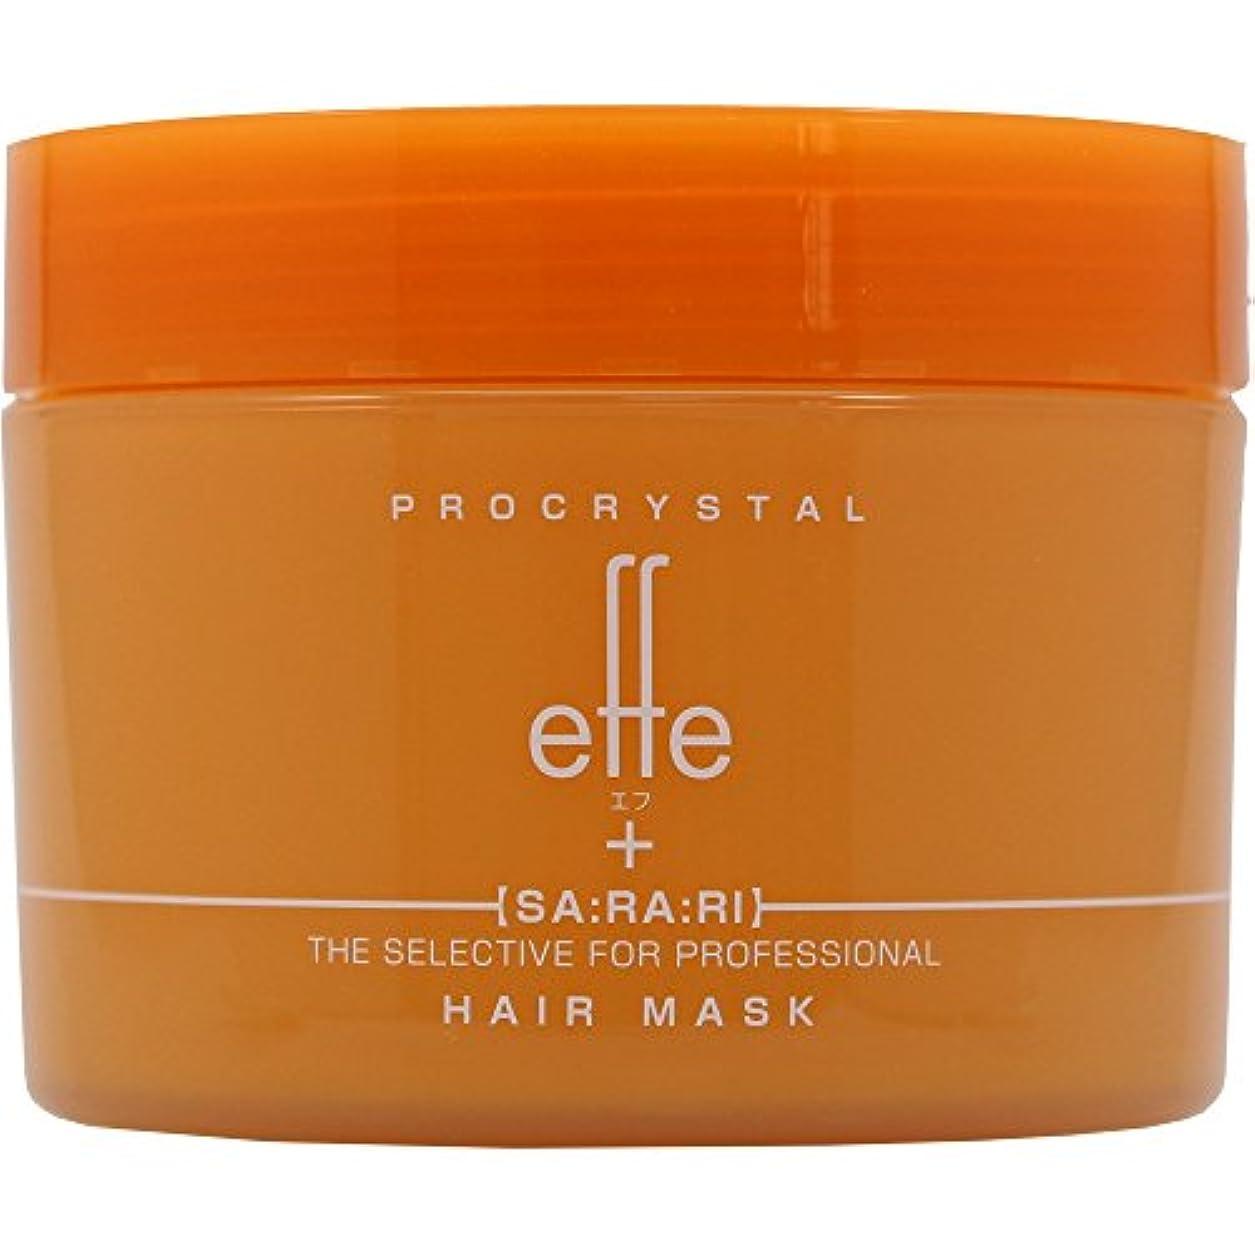 ワット規定前アペティート化粧品 プロクリスタル effe (エフ) ヘアマスク さらり200g